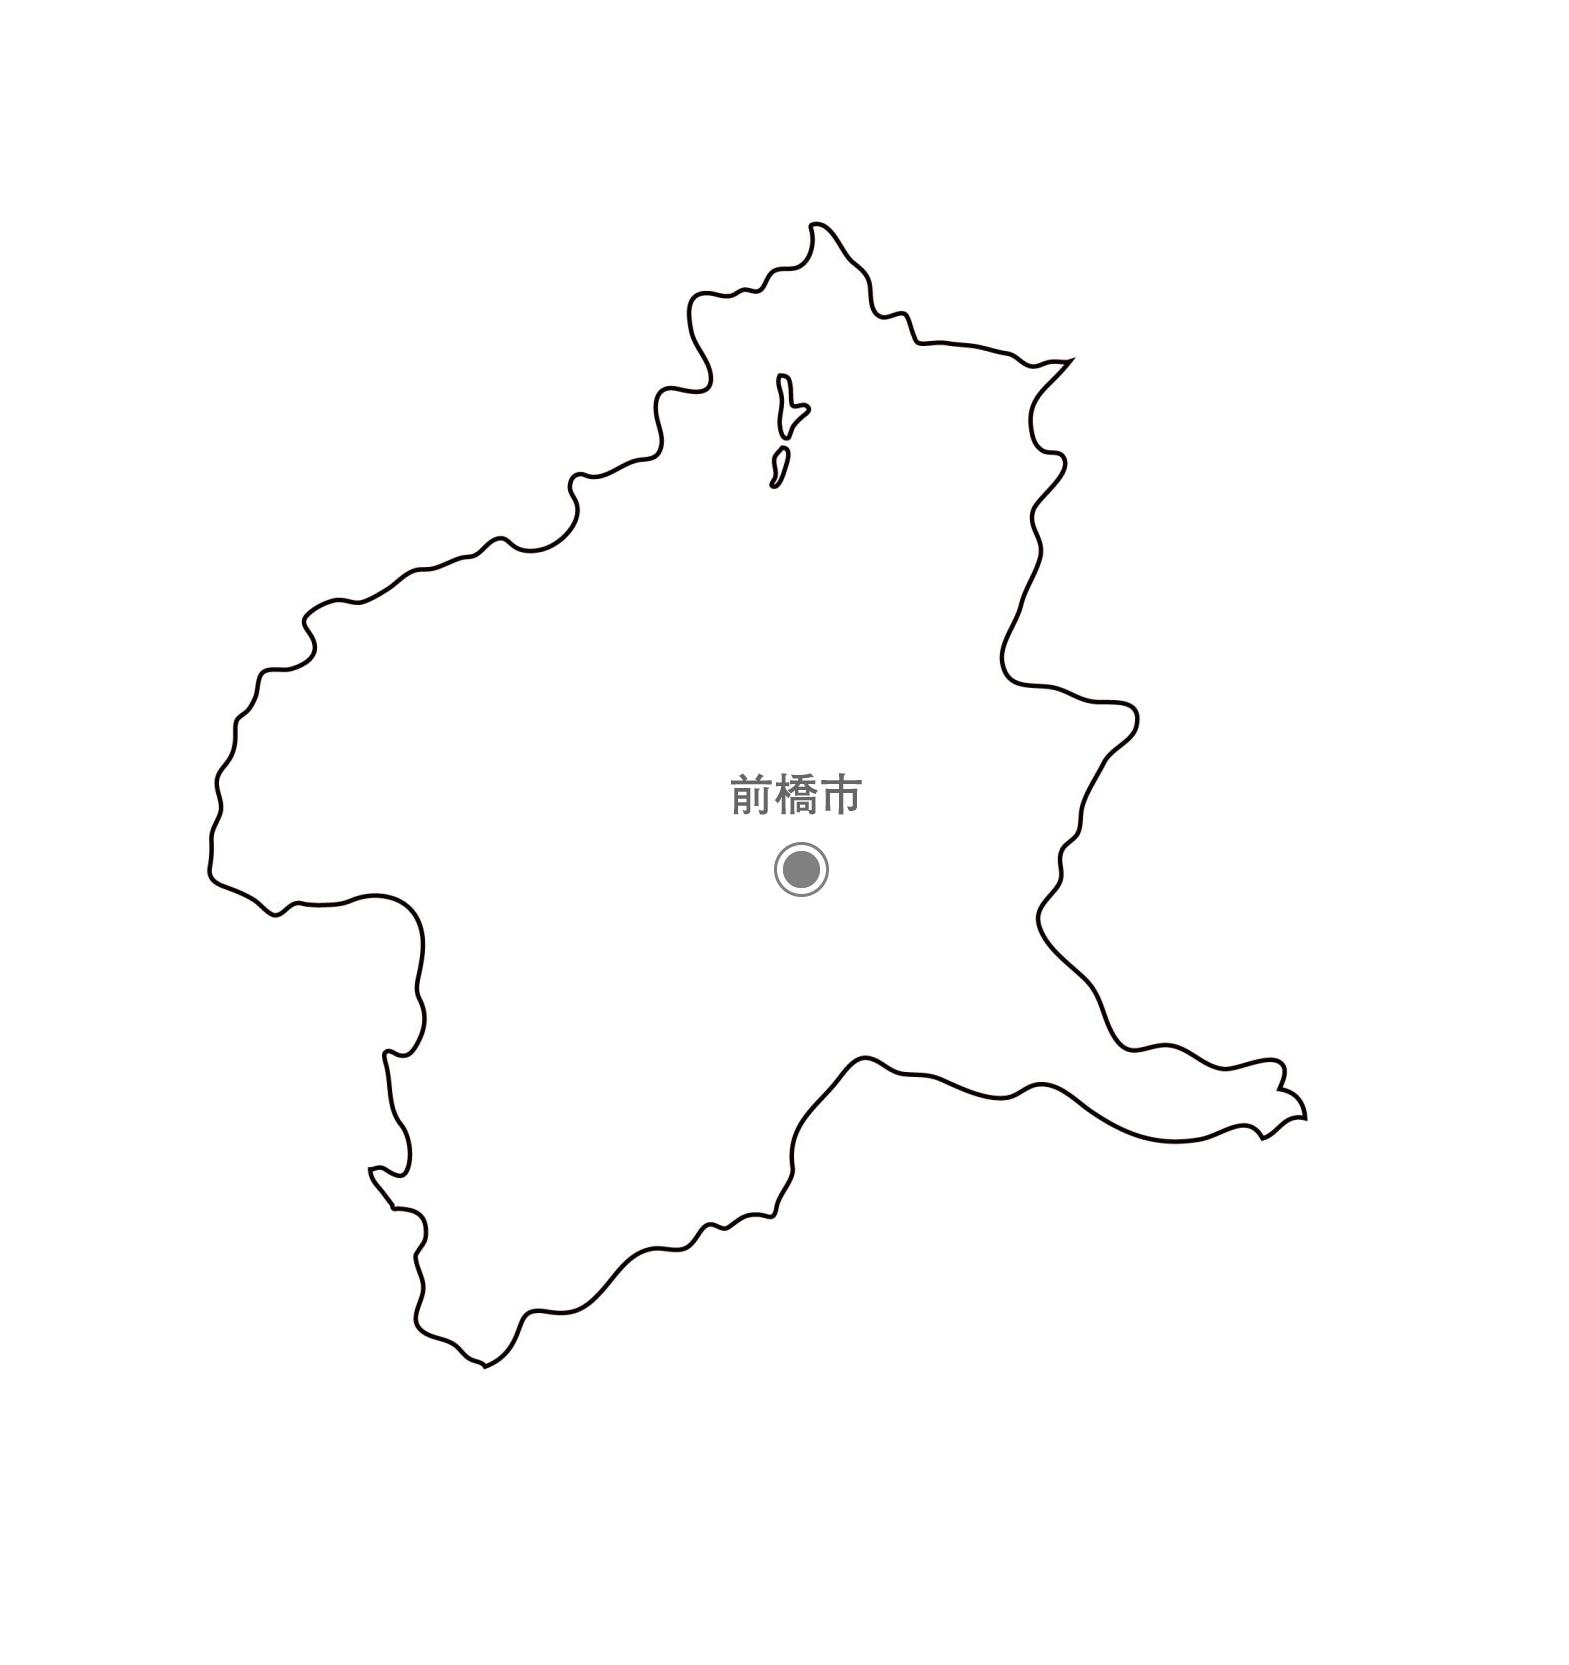 [白地図]群馬県・都道府県名・県庁所在地あり